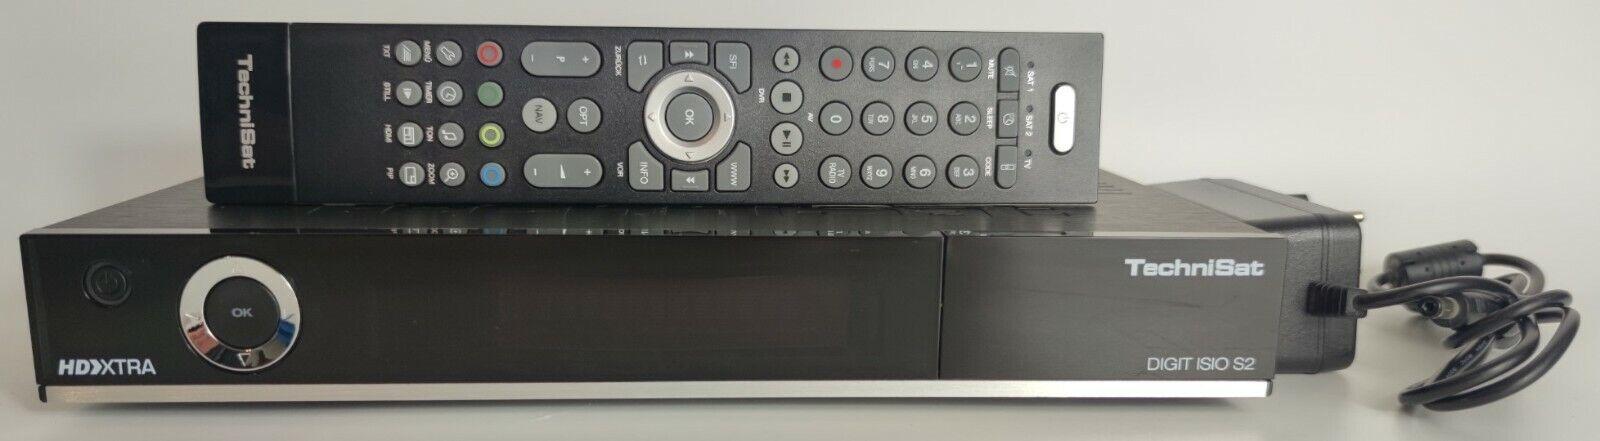 TechniSat DIGIT ISIO S2 Sat-Receiver Twin-Tuner Aufnahmefunktion via USB